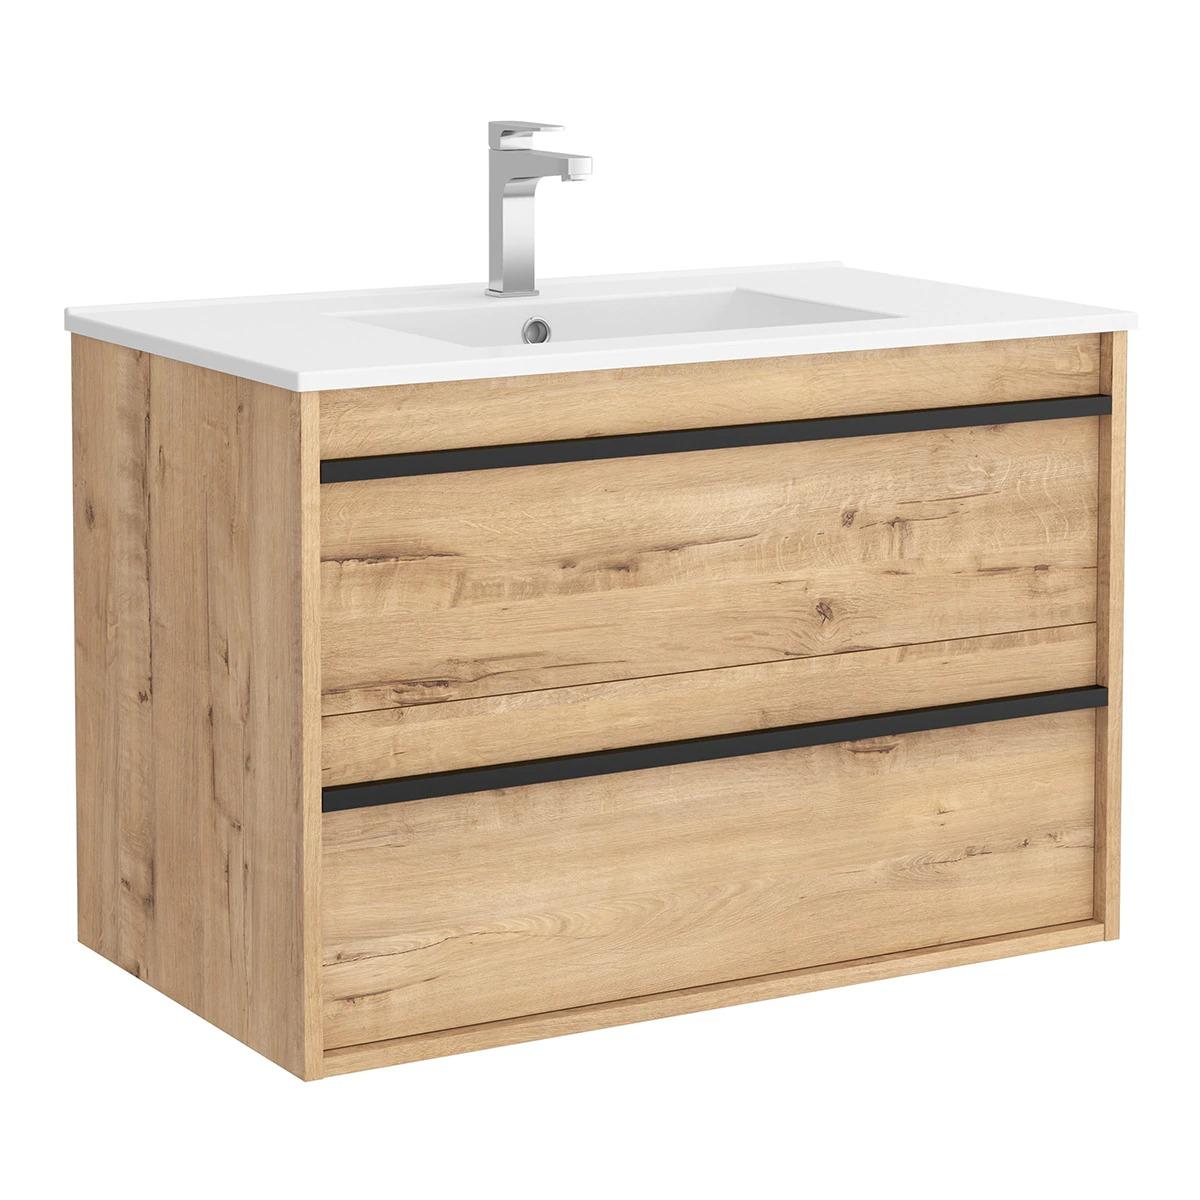 SALGAR Mueble de baño con lavabo y 2 cajones Attila Salgar    (0) Escribe una opinión 329 €